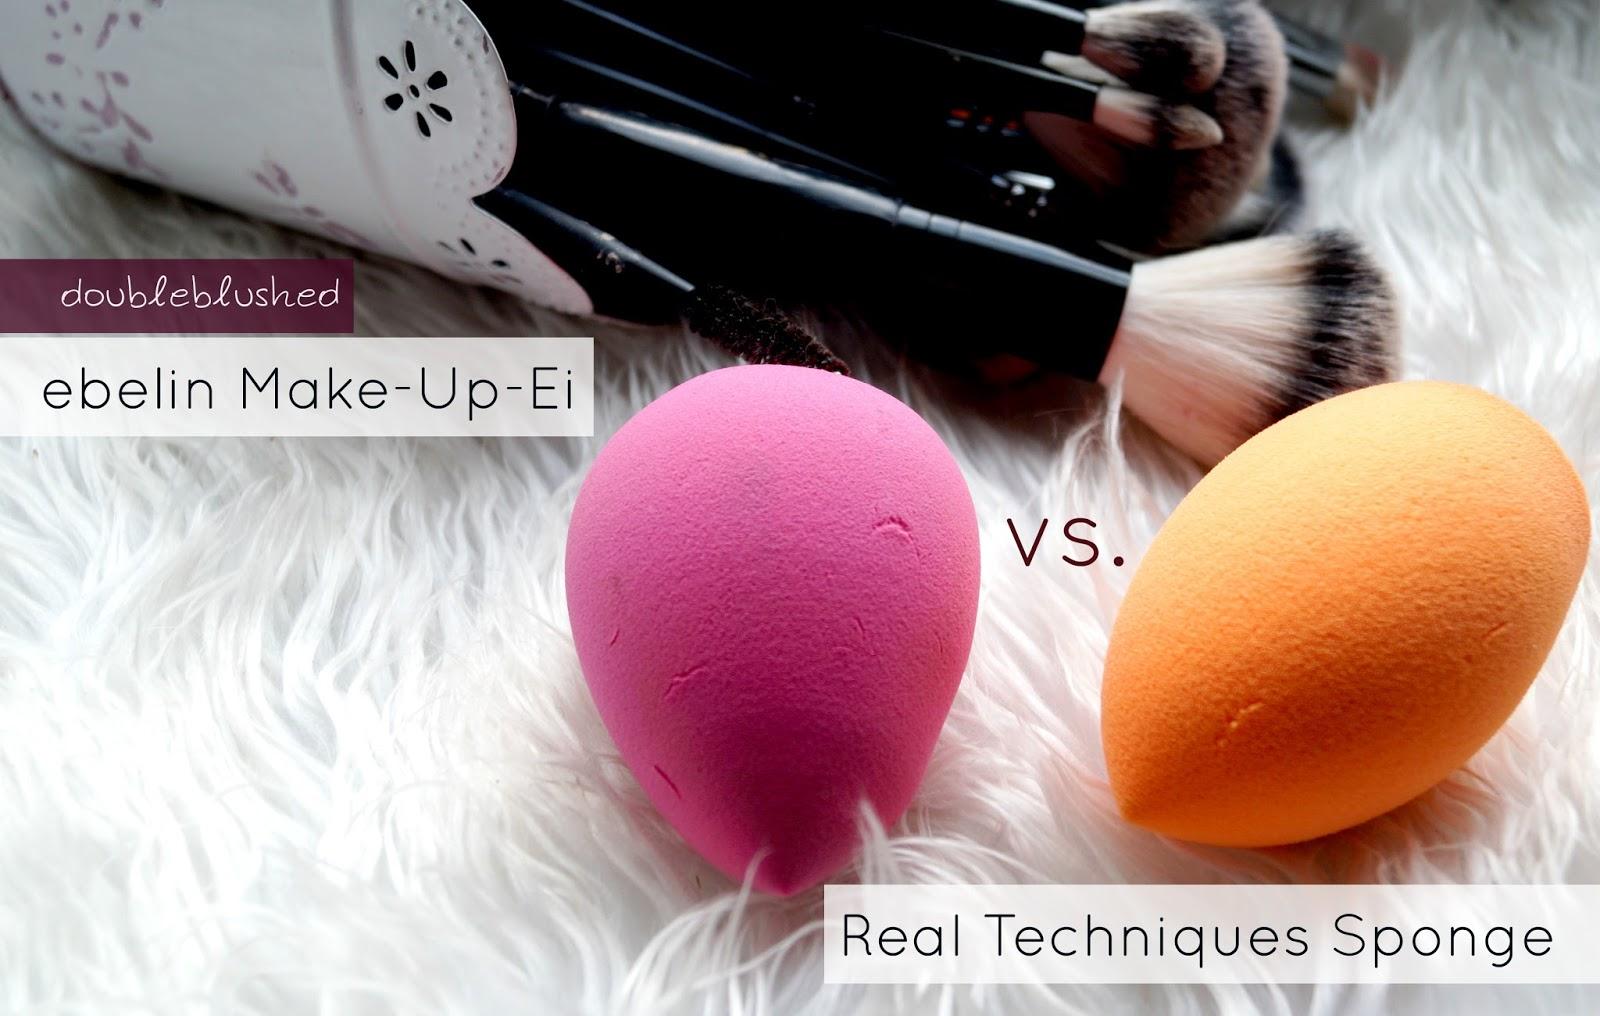 double blushed ebelin make up ei vs real techniques sponge. Black Bedroom Furniture Sets. Home Design Ideas